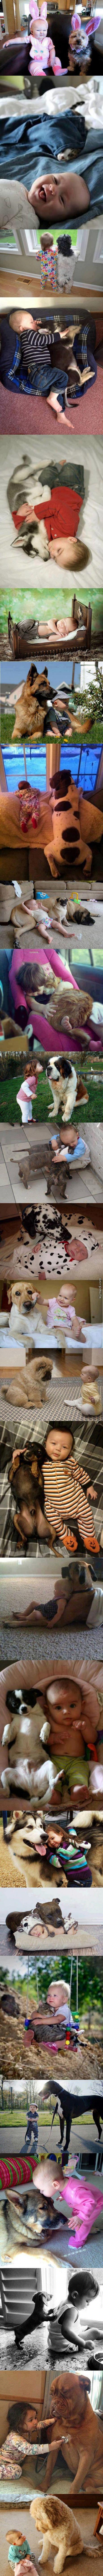 Çocuklar ve hayvanları....